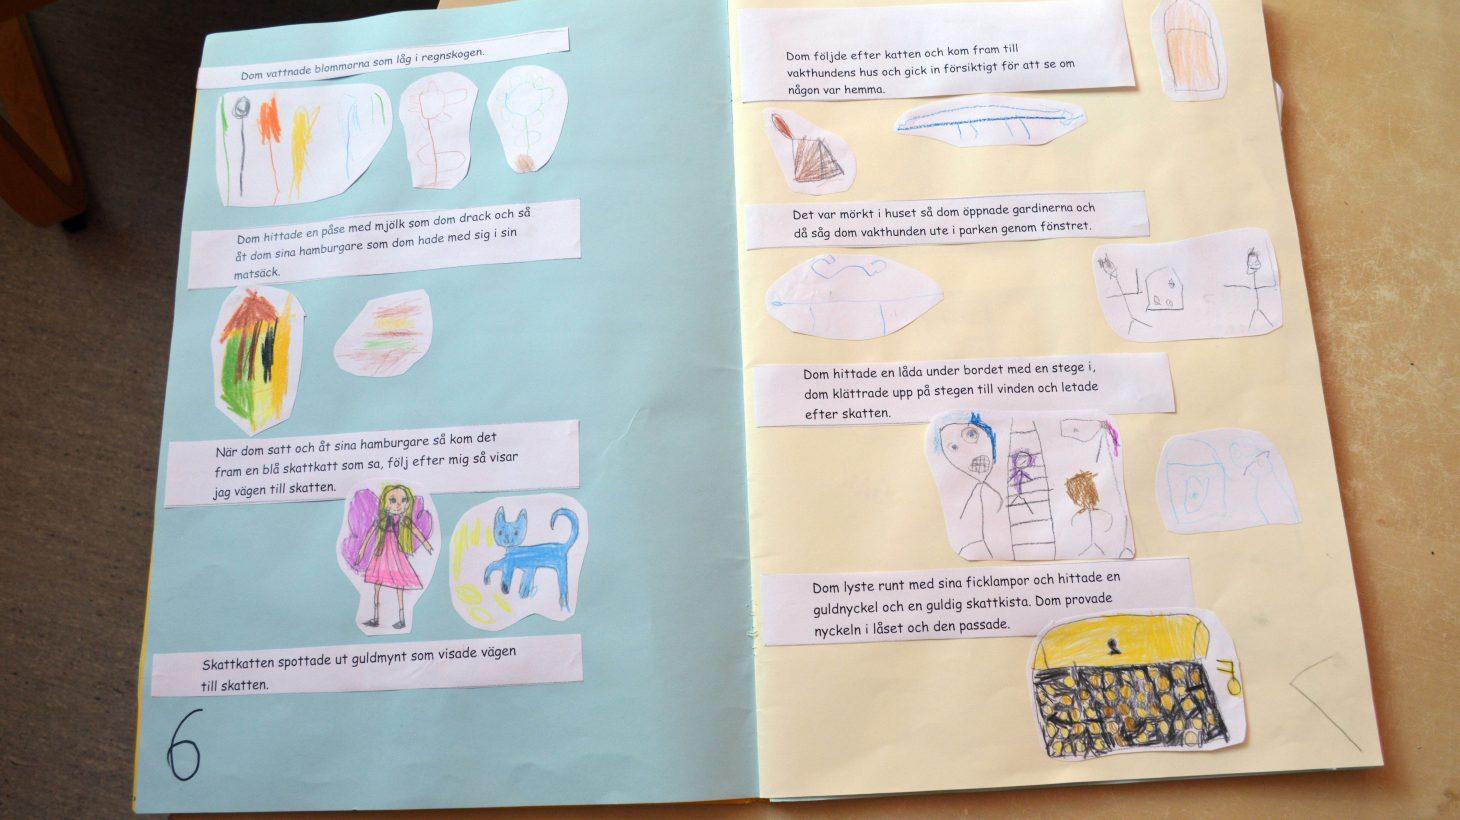 En öppen sagobok som förskolebarn skrivit och ritat.